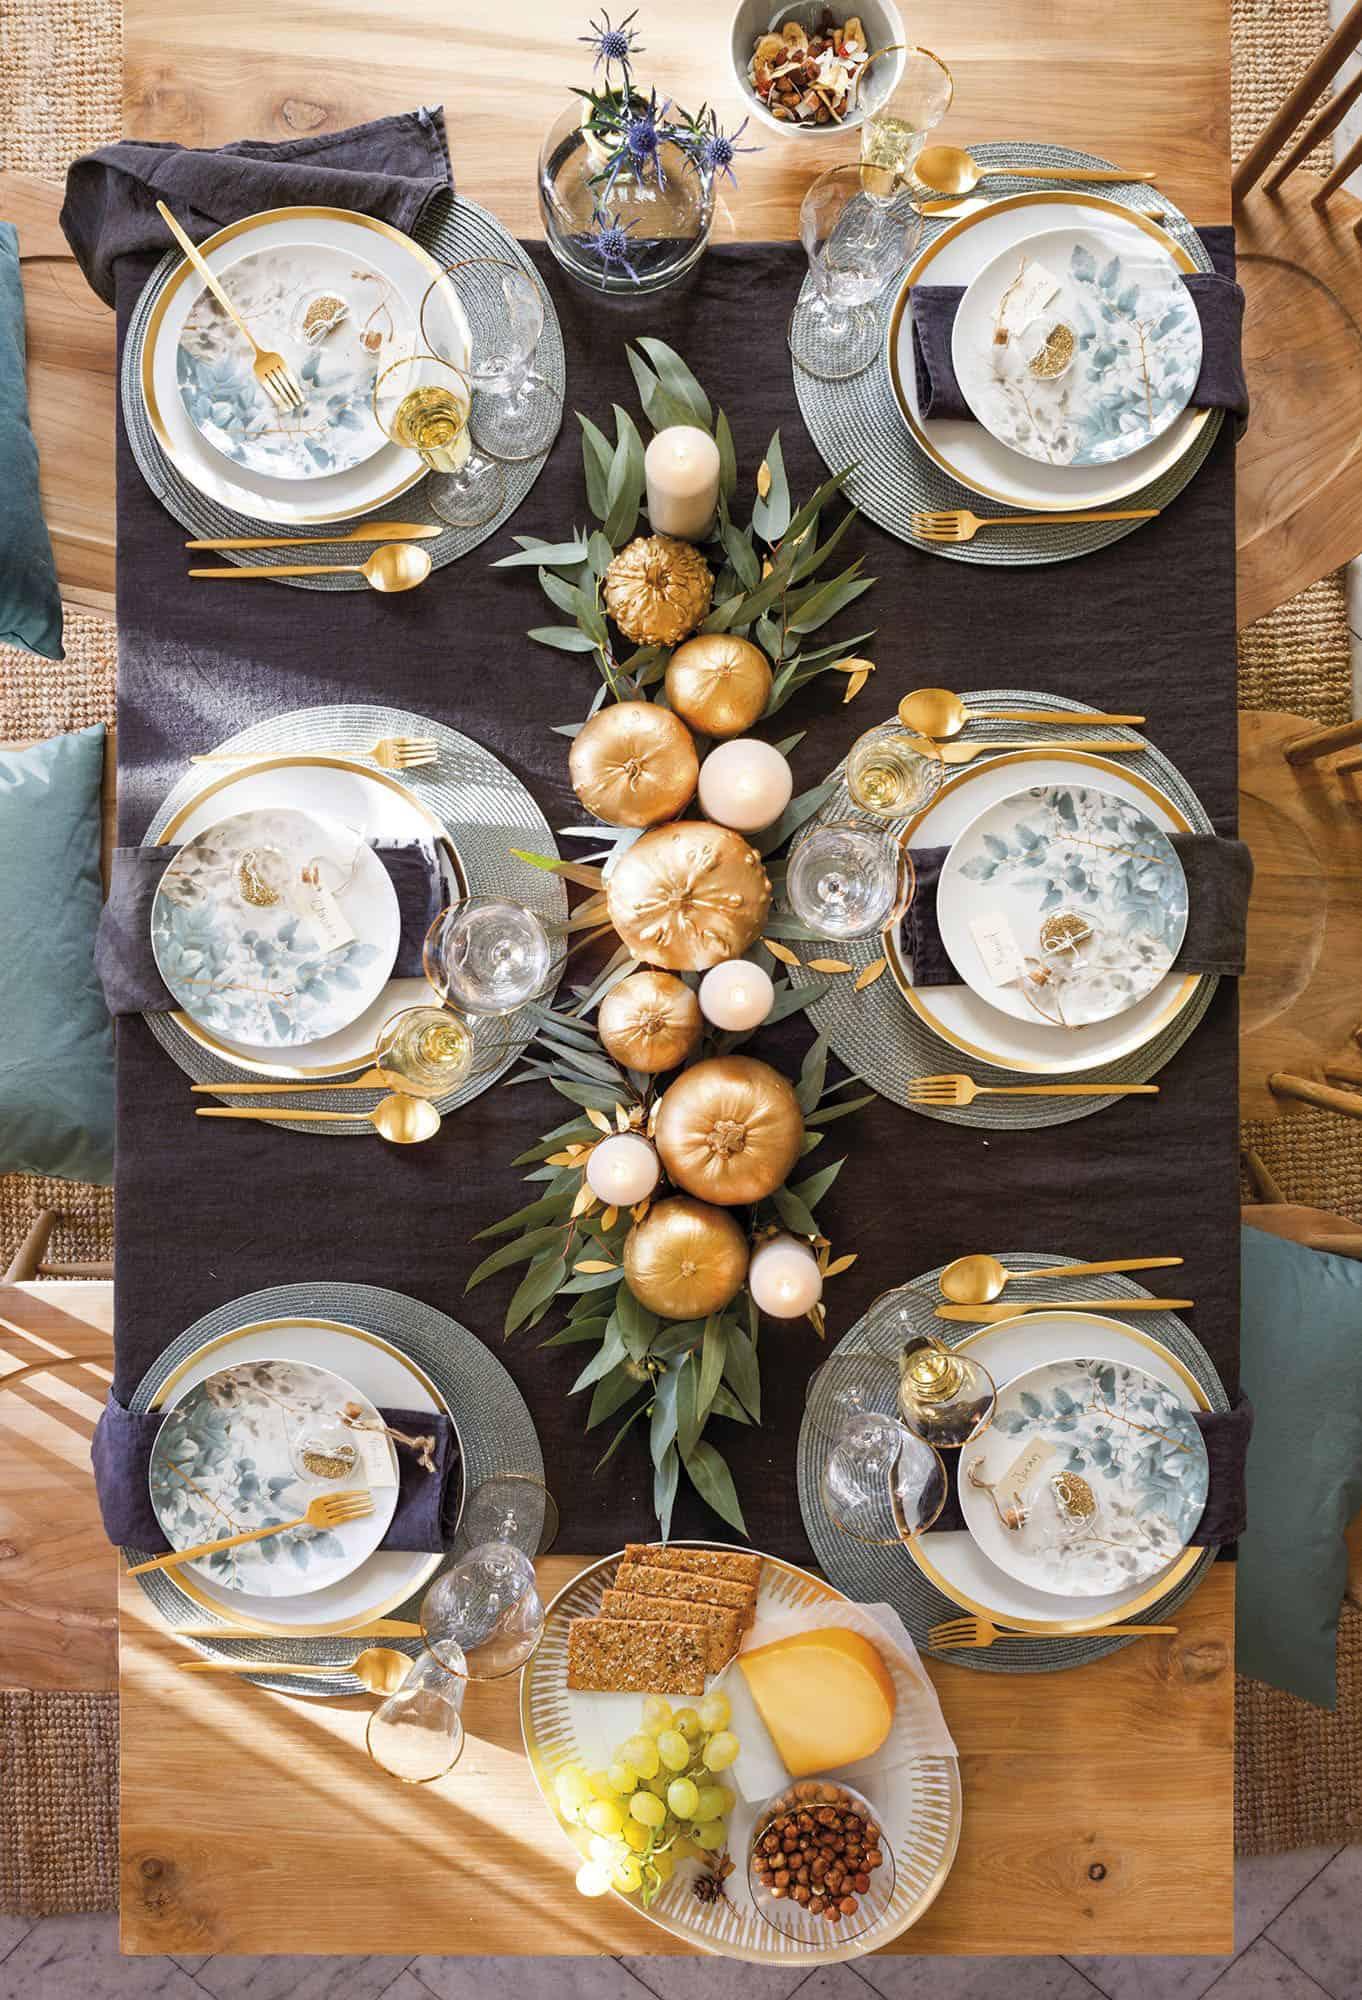 DIY-table-centerpiece-idea-pumpkins